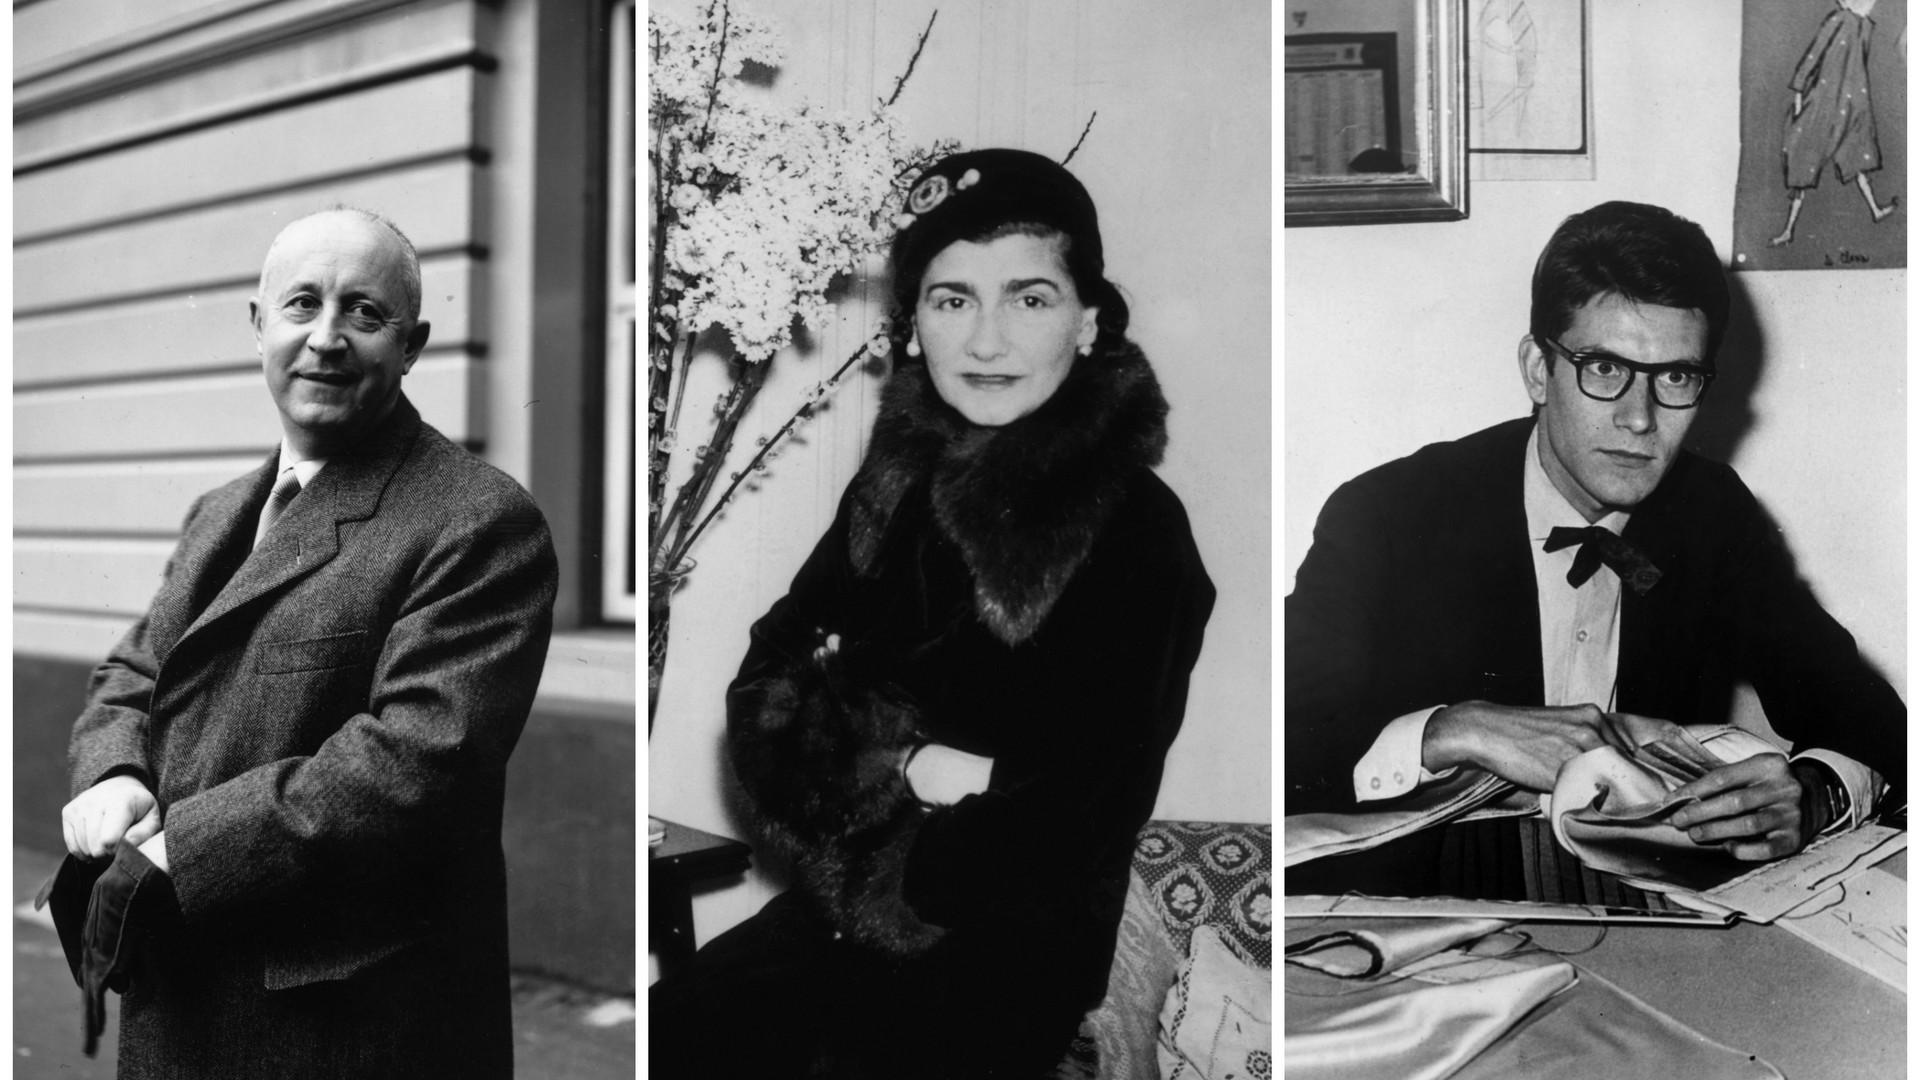 dfe03076a0 Životy svetových módnych návrhárov  Coco bola nacistickou špiónkou a Dior  zomrel pri sexe